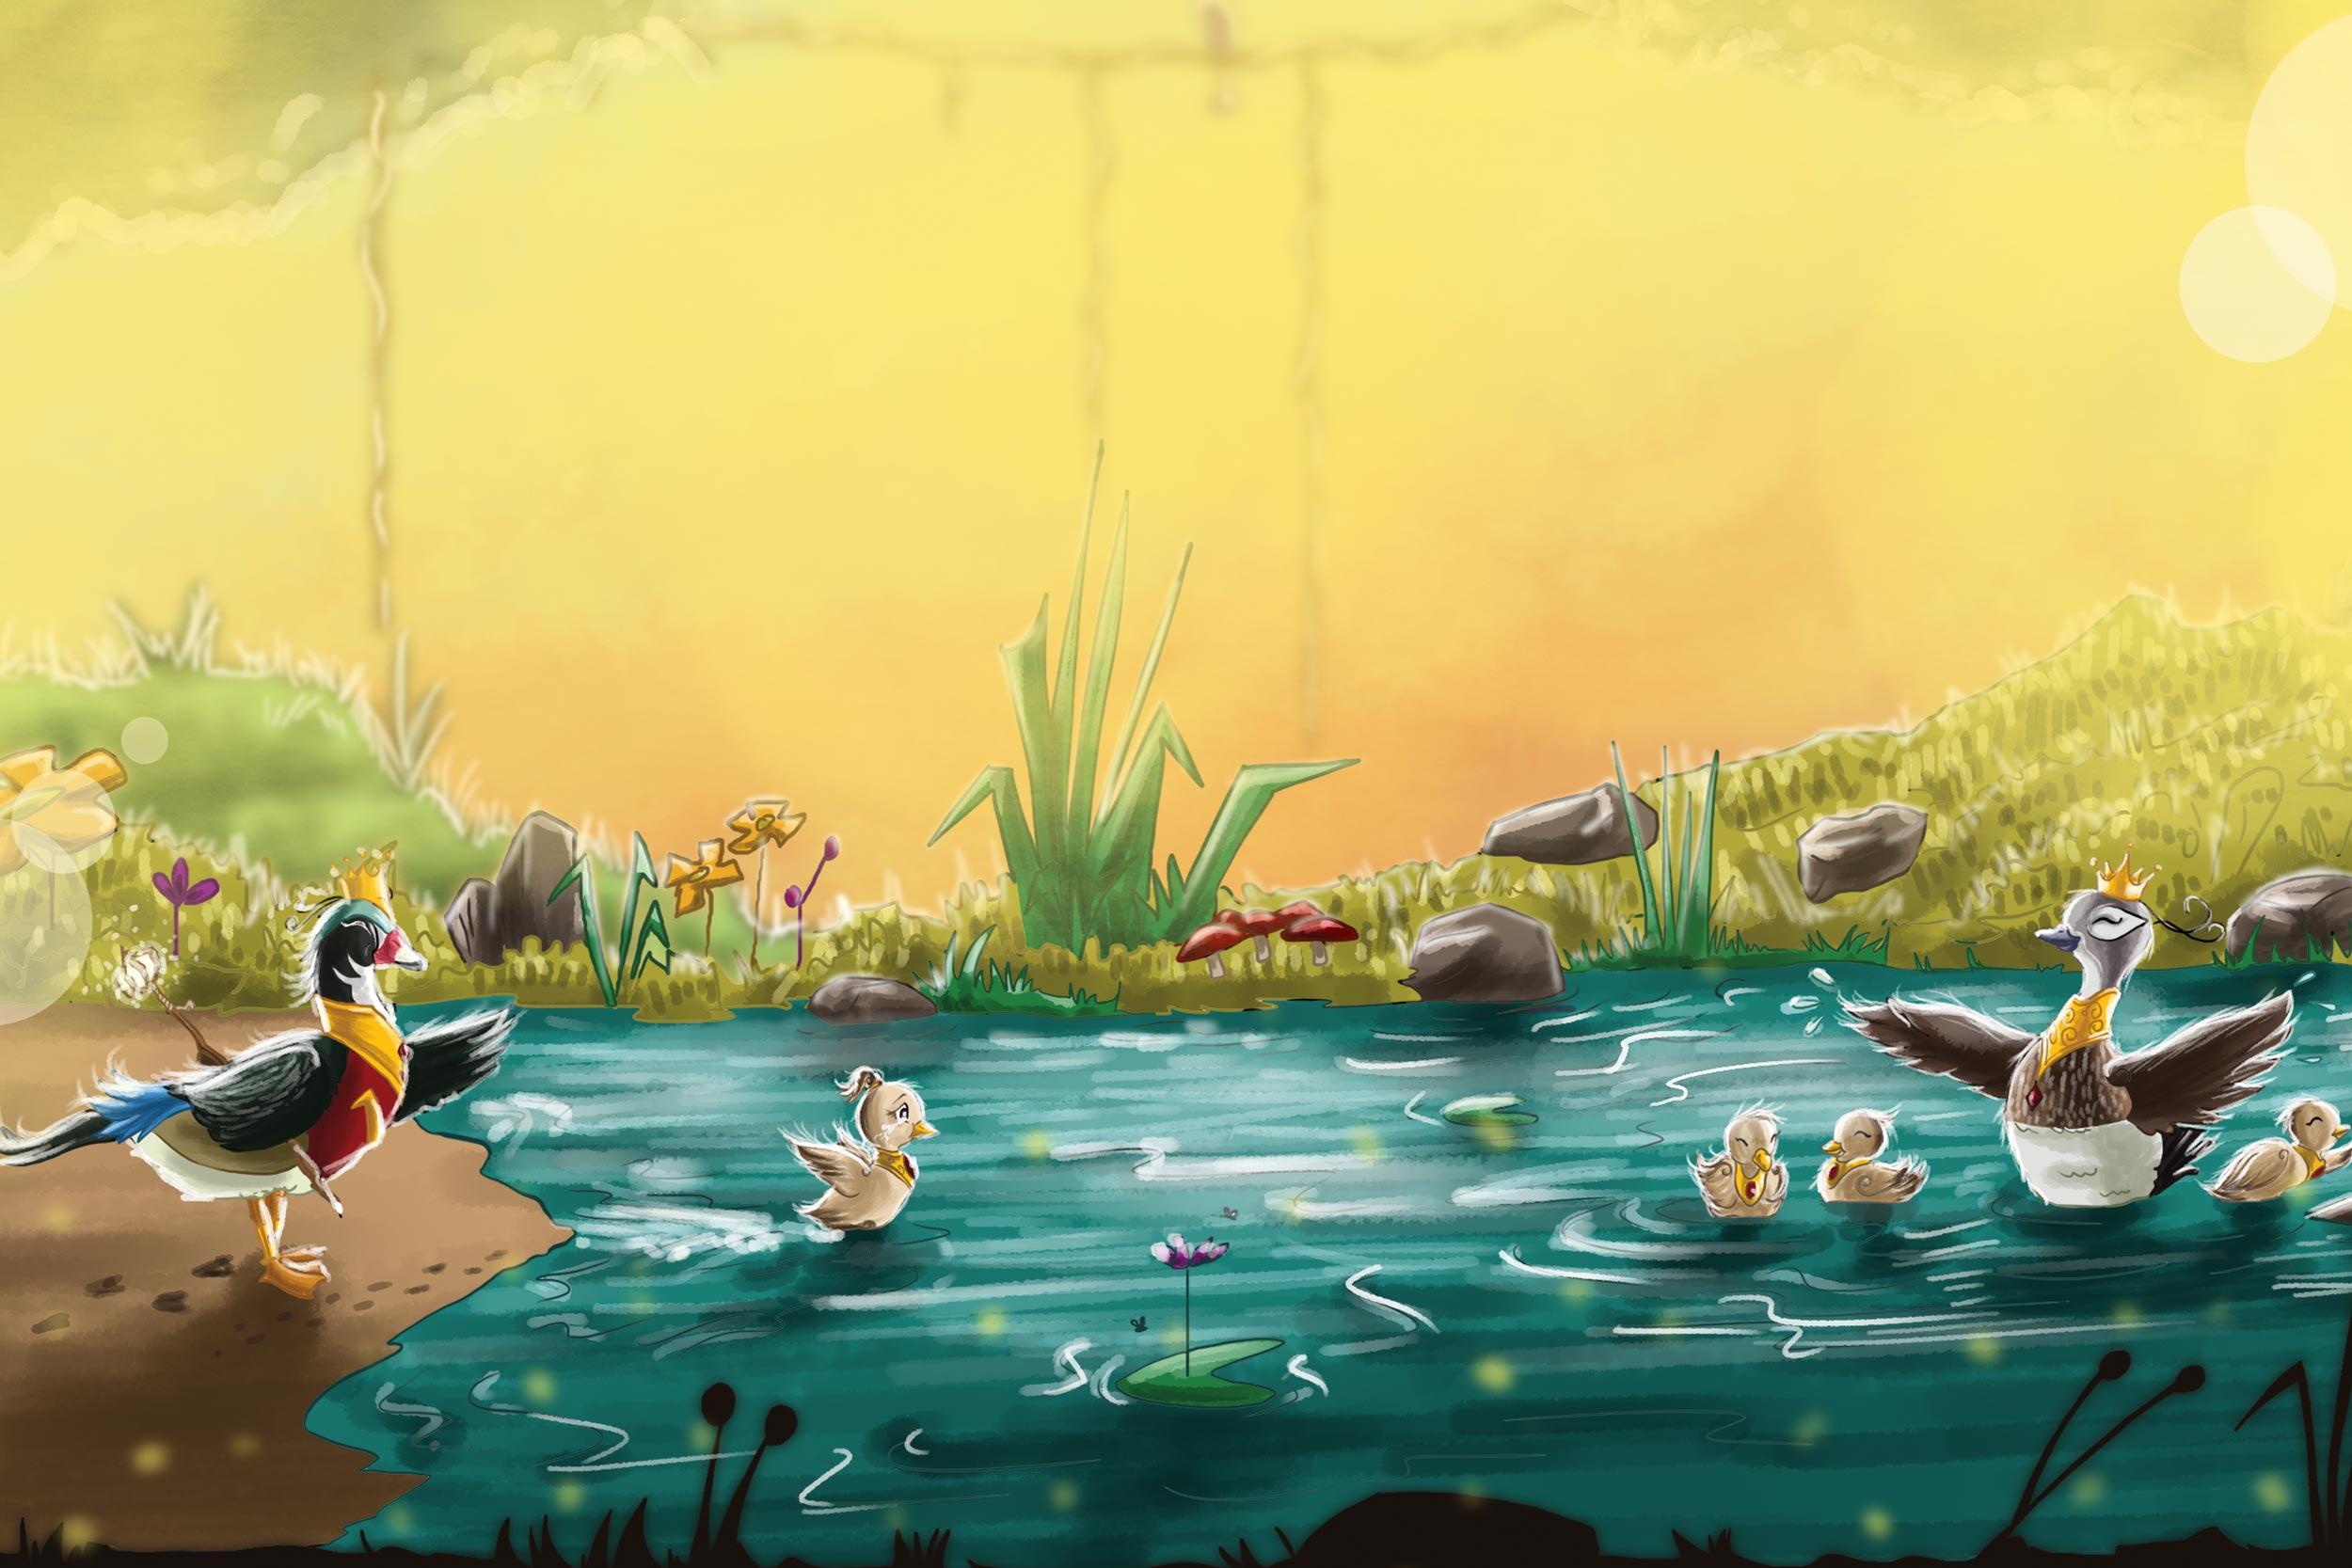 journey-of-puddle-christian-illustrated-children-books-illustration-1.jpg